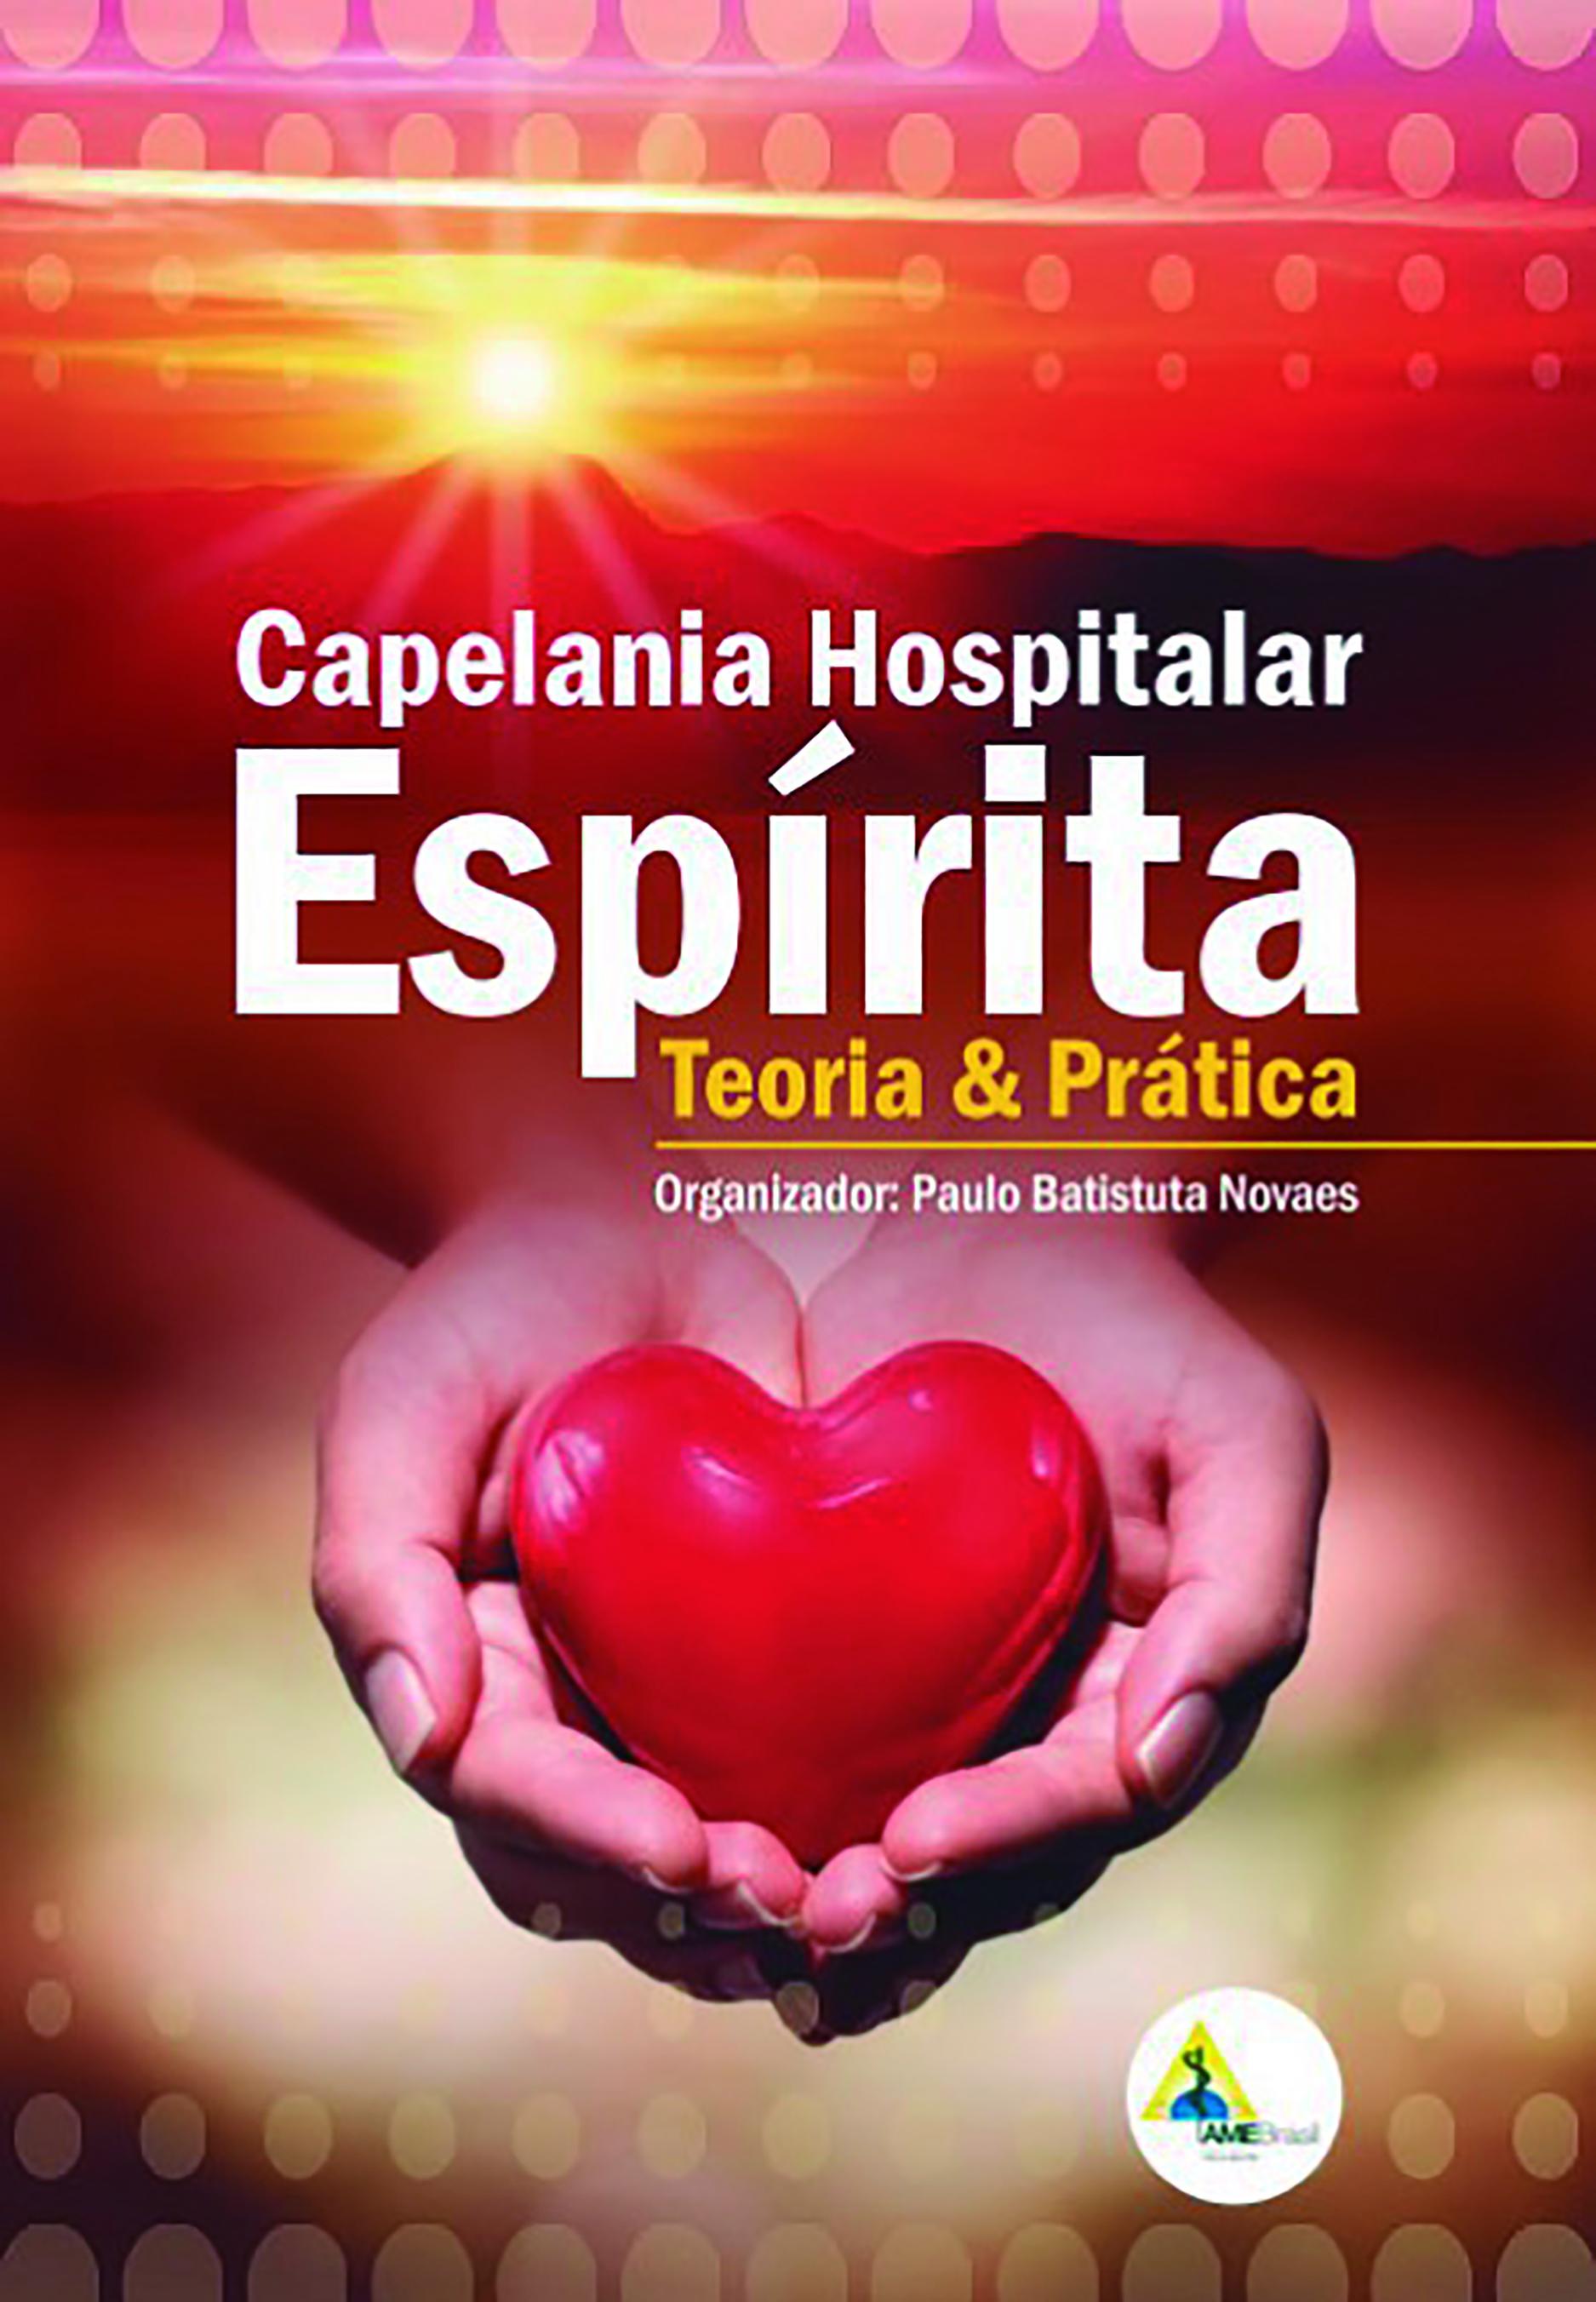 CAPELANIA HOSPITALAR ESPIRITA TEORIA E PRATICA